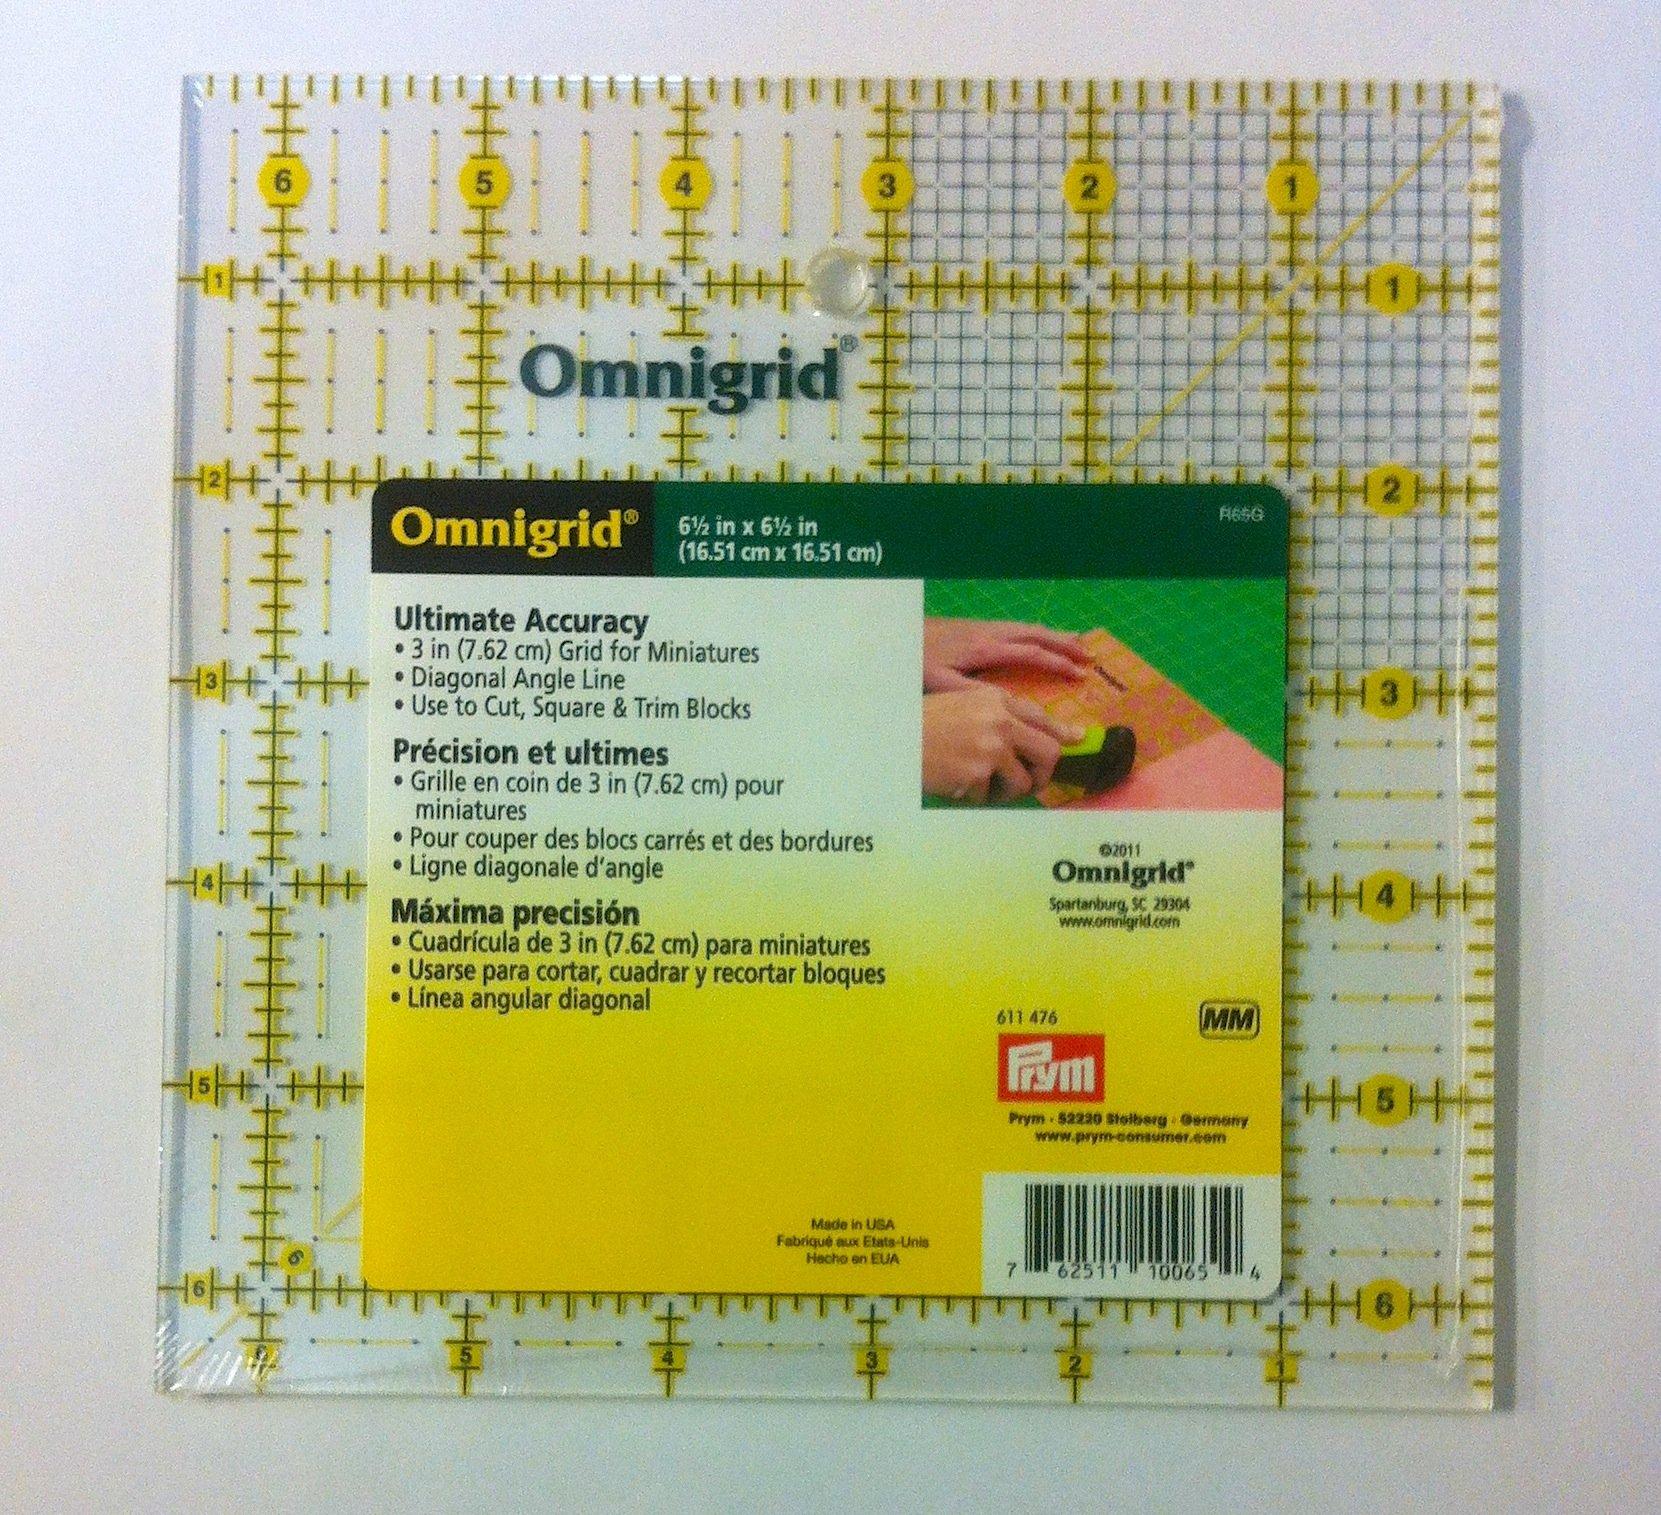 Omnigrid 6.5 X 6.5 in.